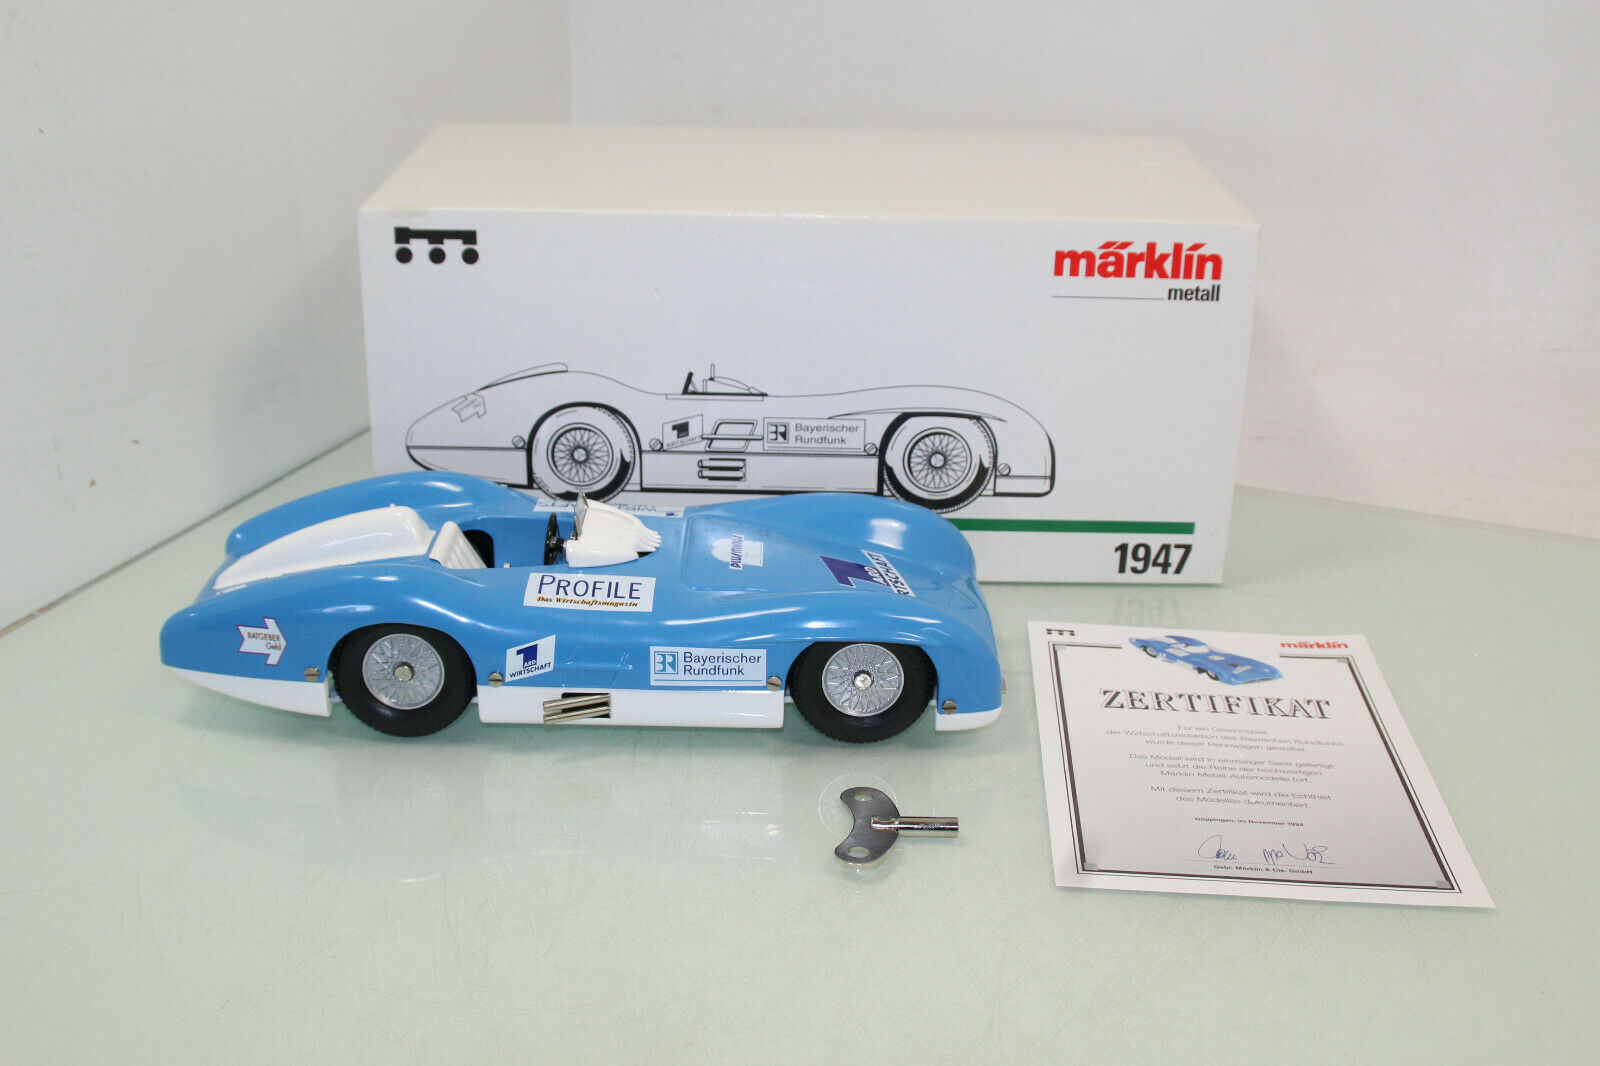 Märklin métal 1947 voiture de course  MB 300 SL avec horloge Ascenseur NEUF neuf dans sa boîte (js8446)  qualité authentique